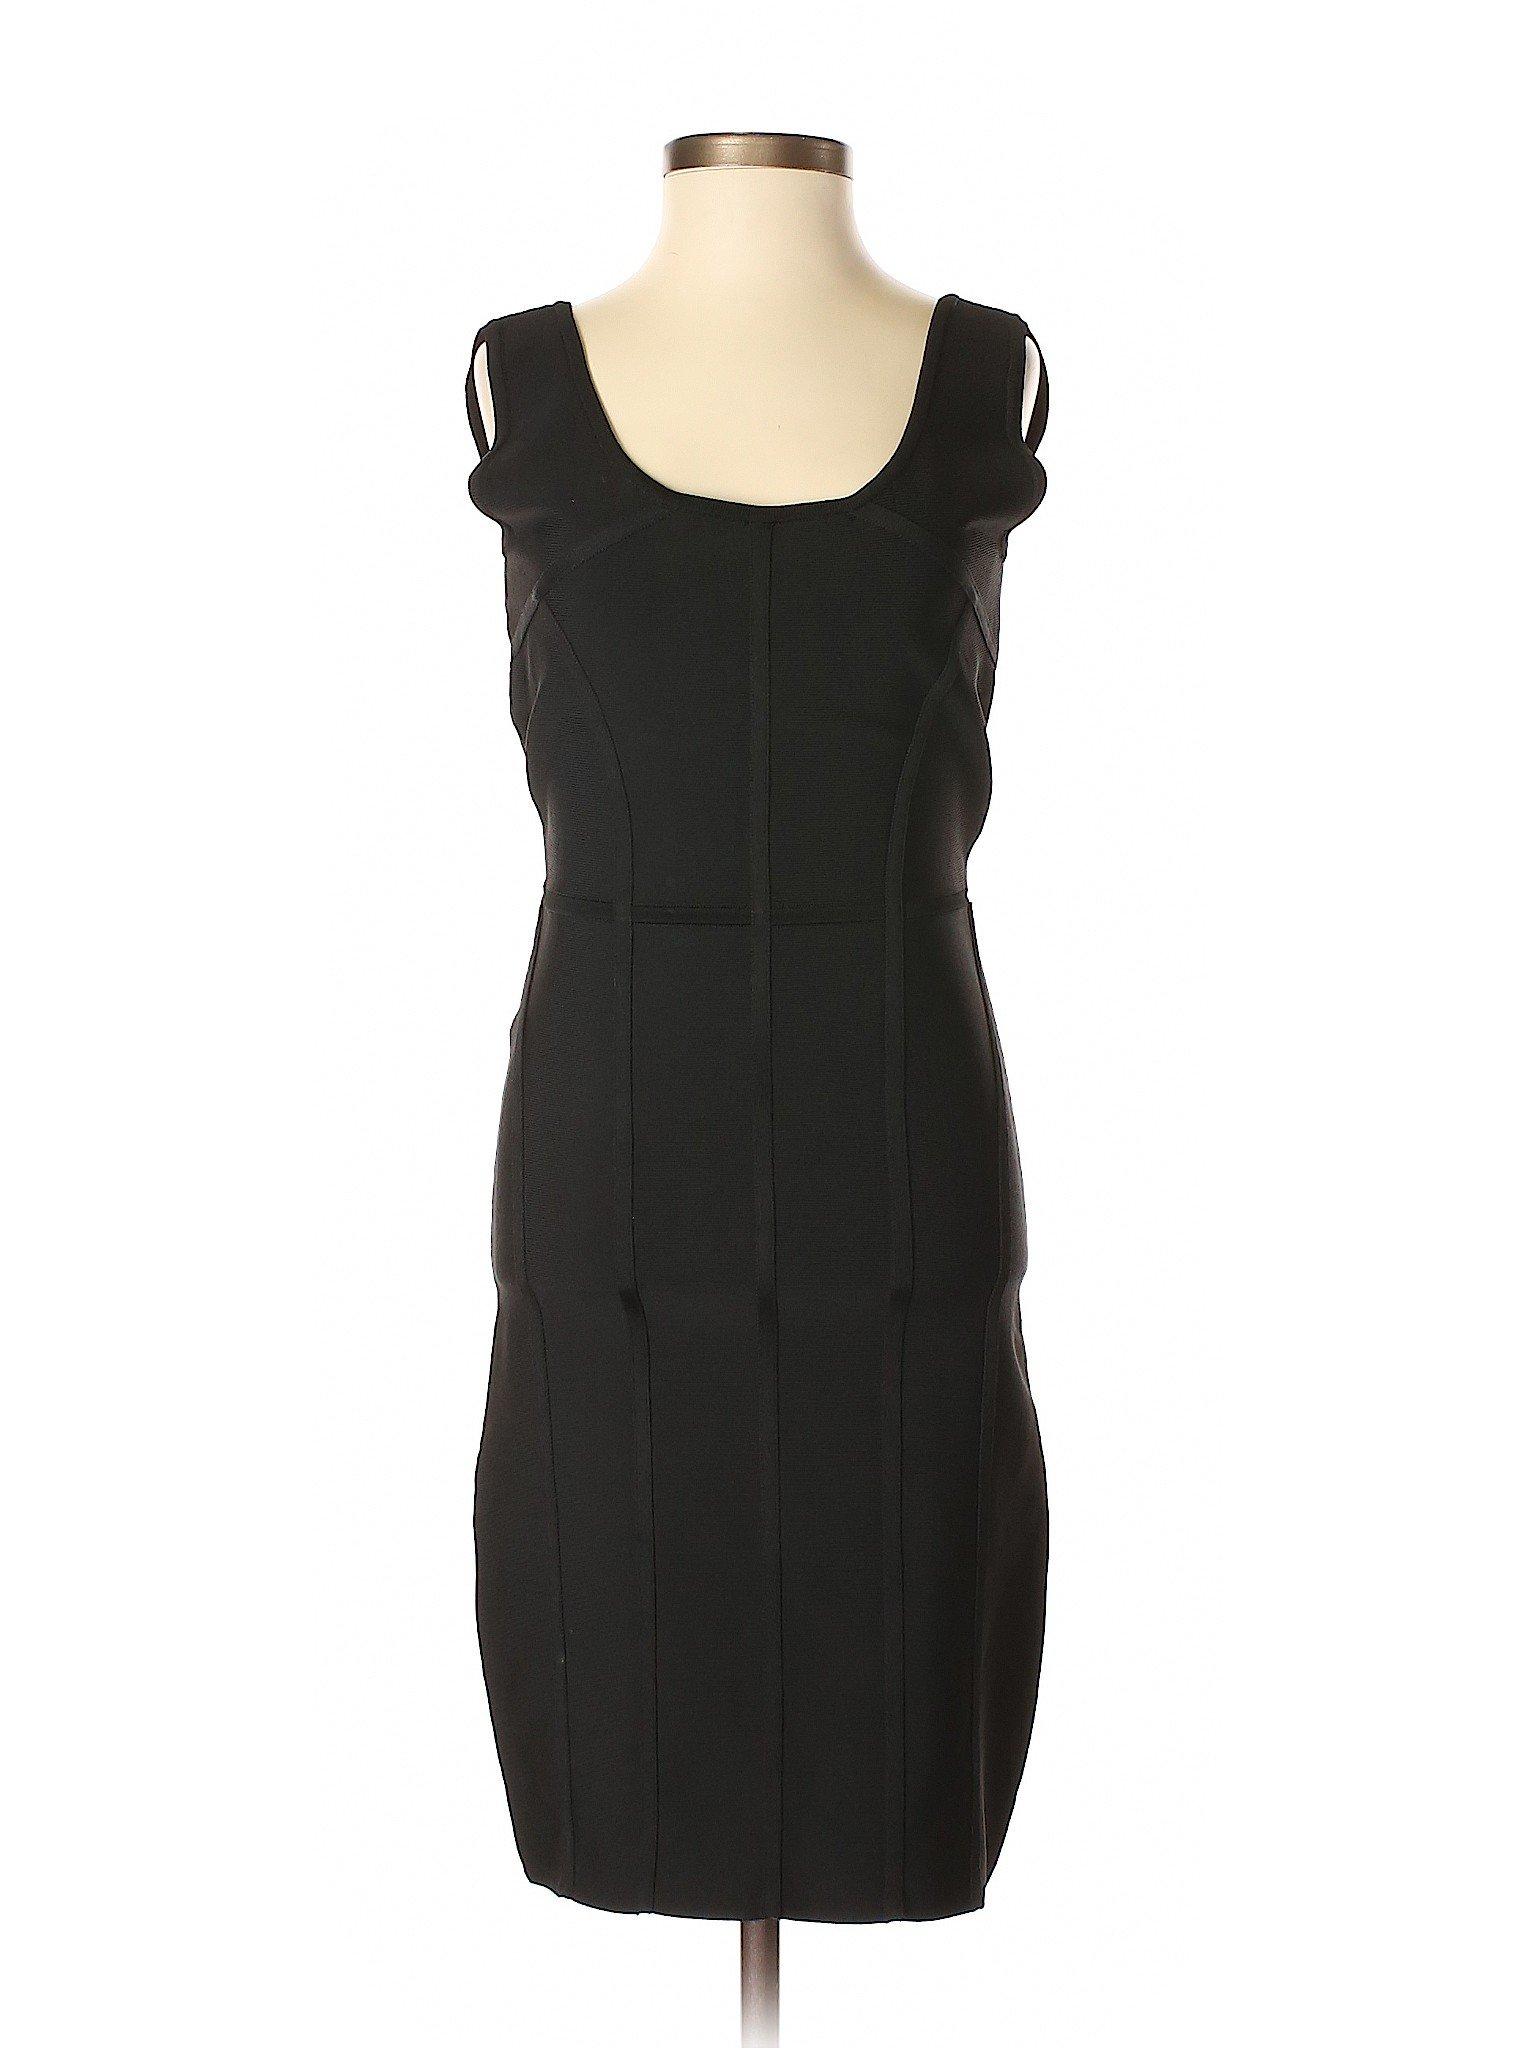 Boutique Casual winter Dress Boutique BCBGMAXAZRIA winter Bxq5W61